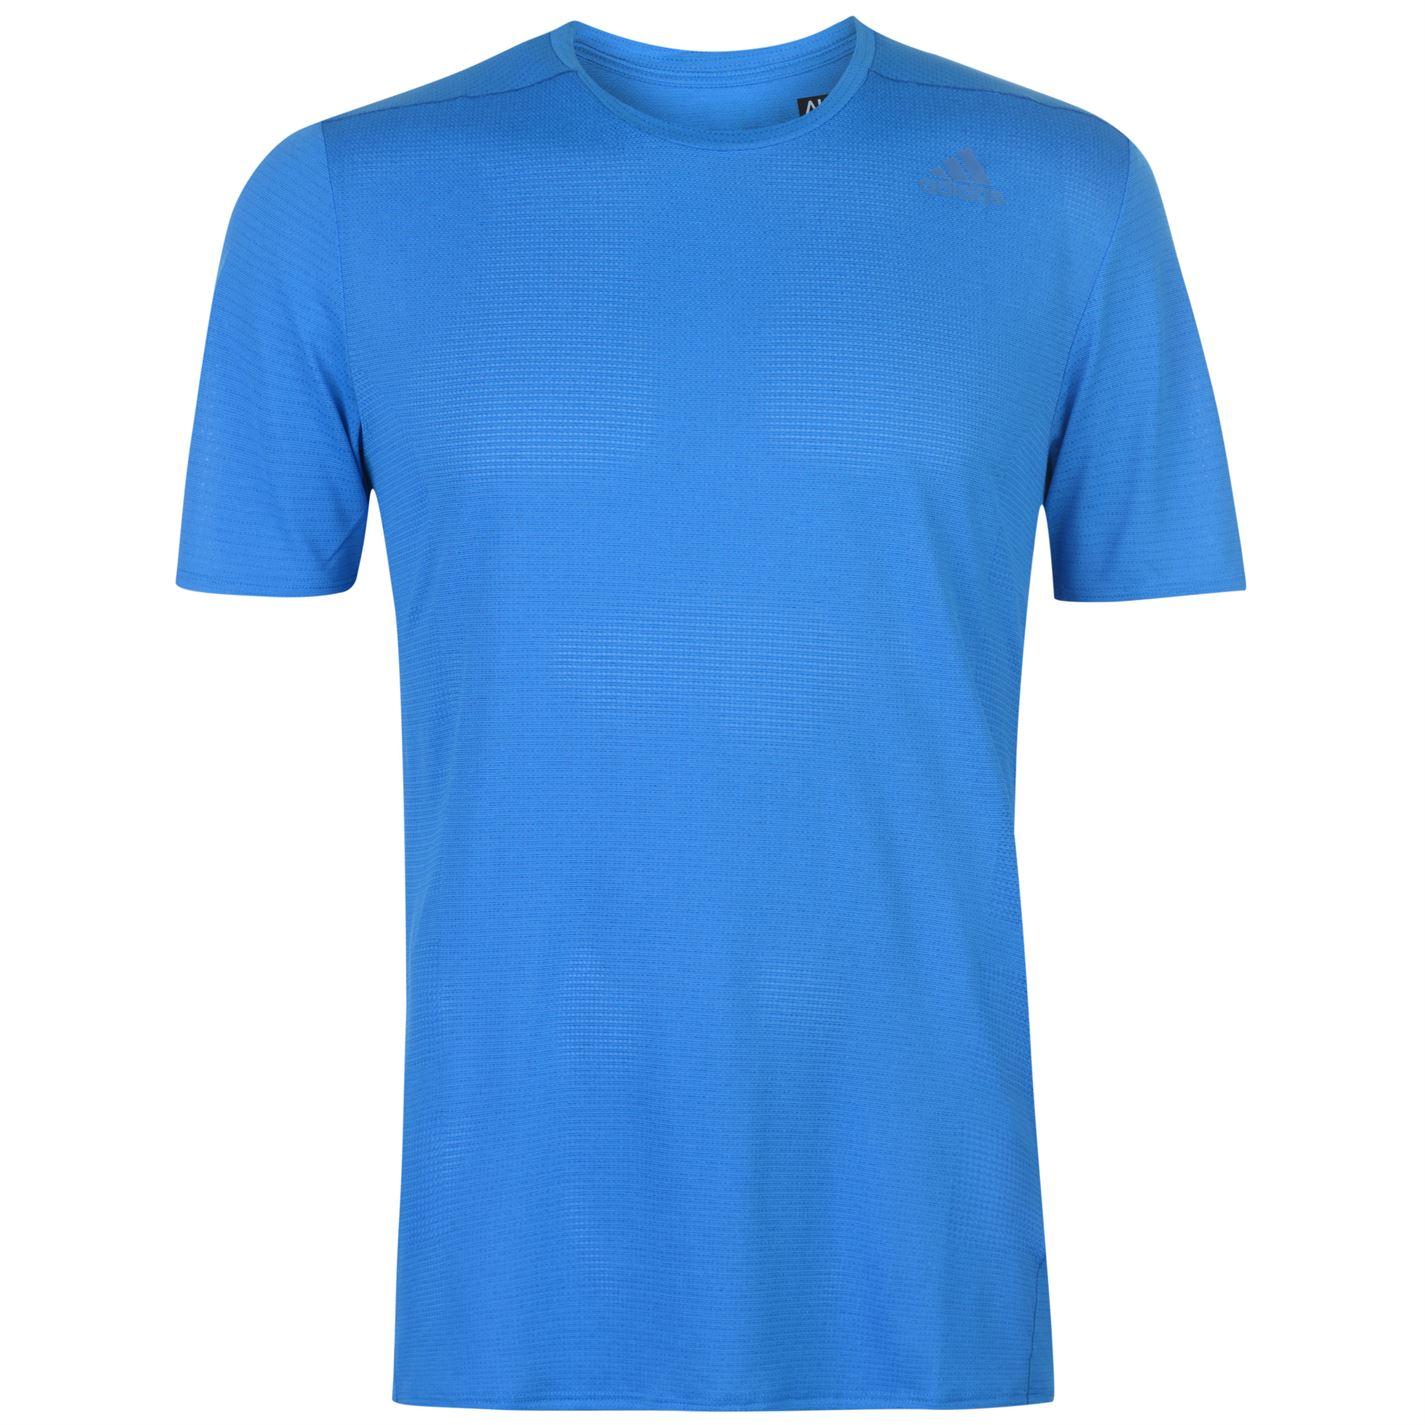 Adidas Supernova Short Sleeve Running T Shirt Mens